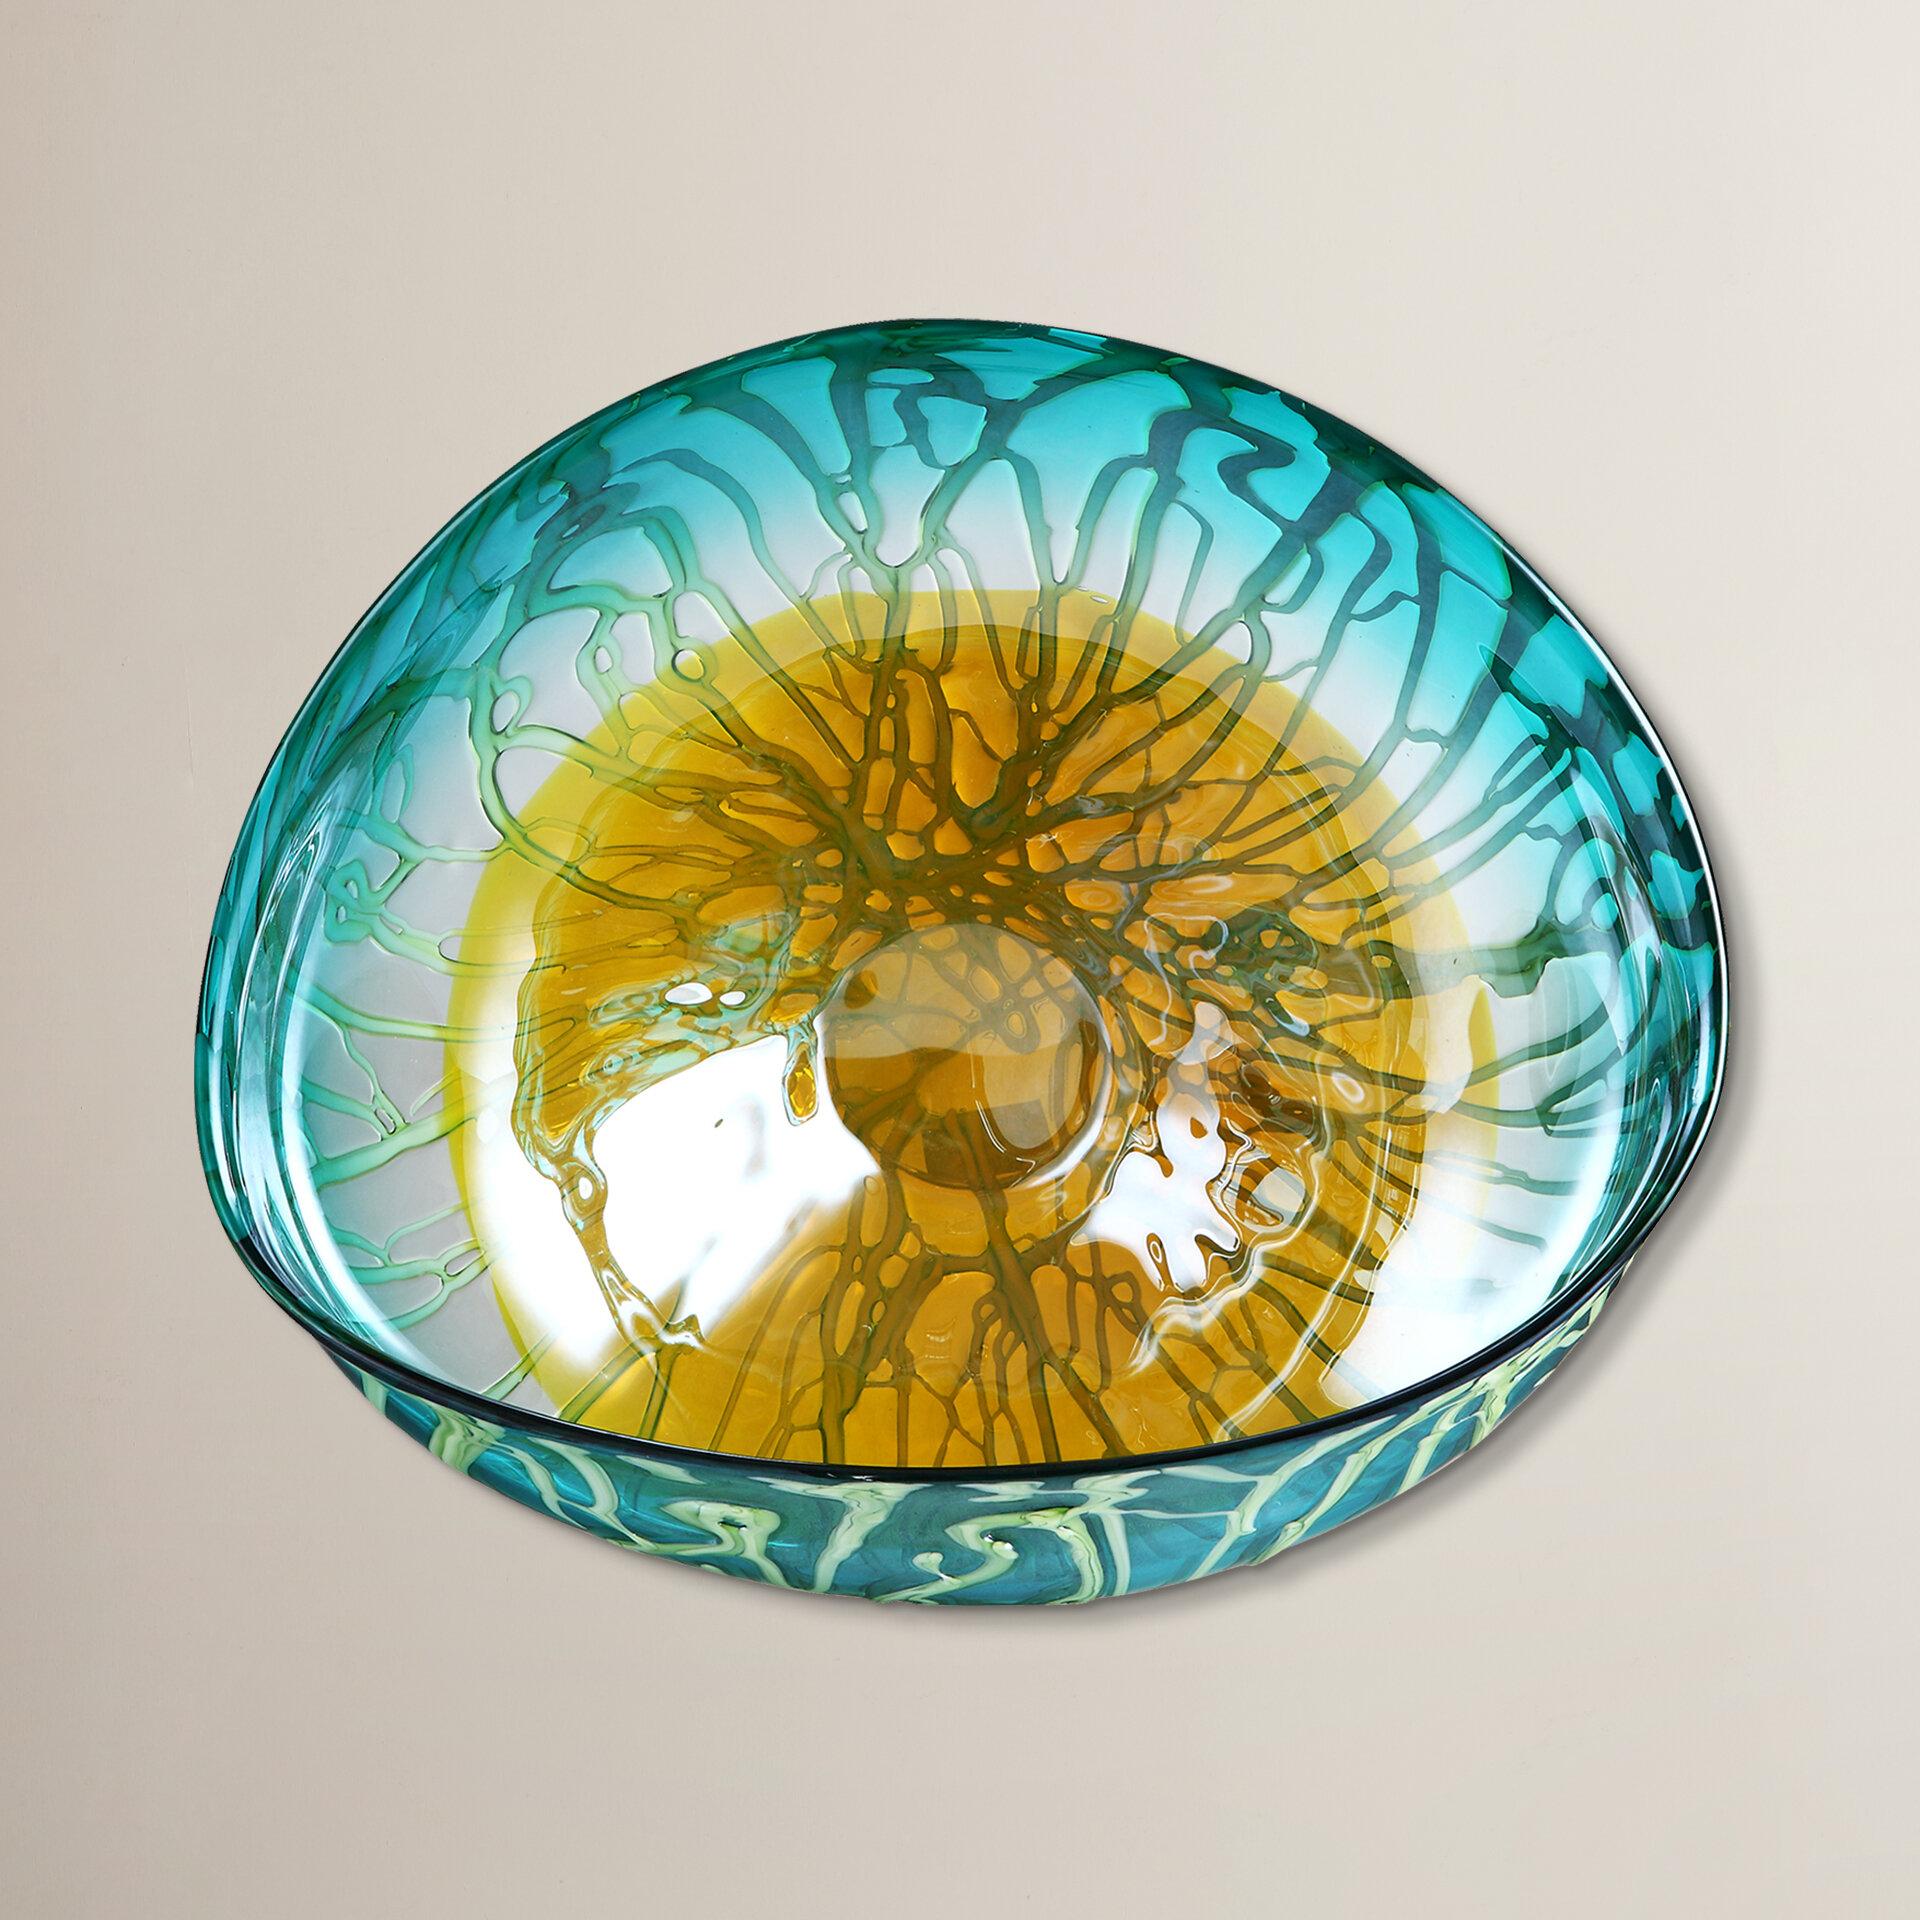 Brayden Studio Modern Plate Glass Wall Decor | Wayfair